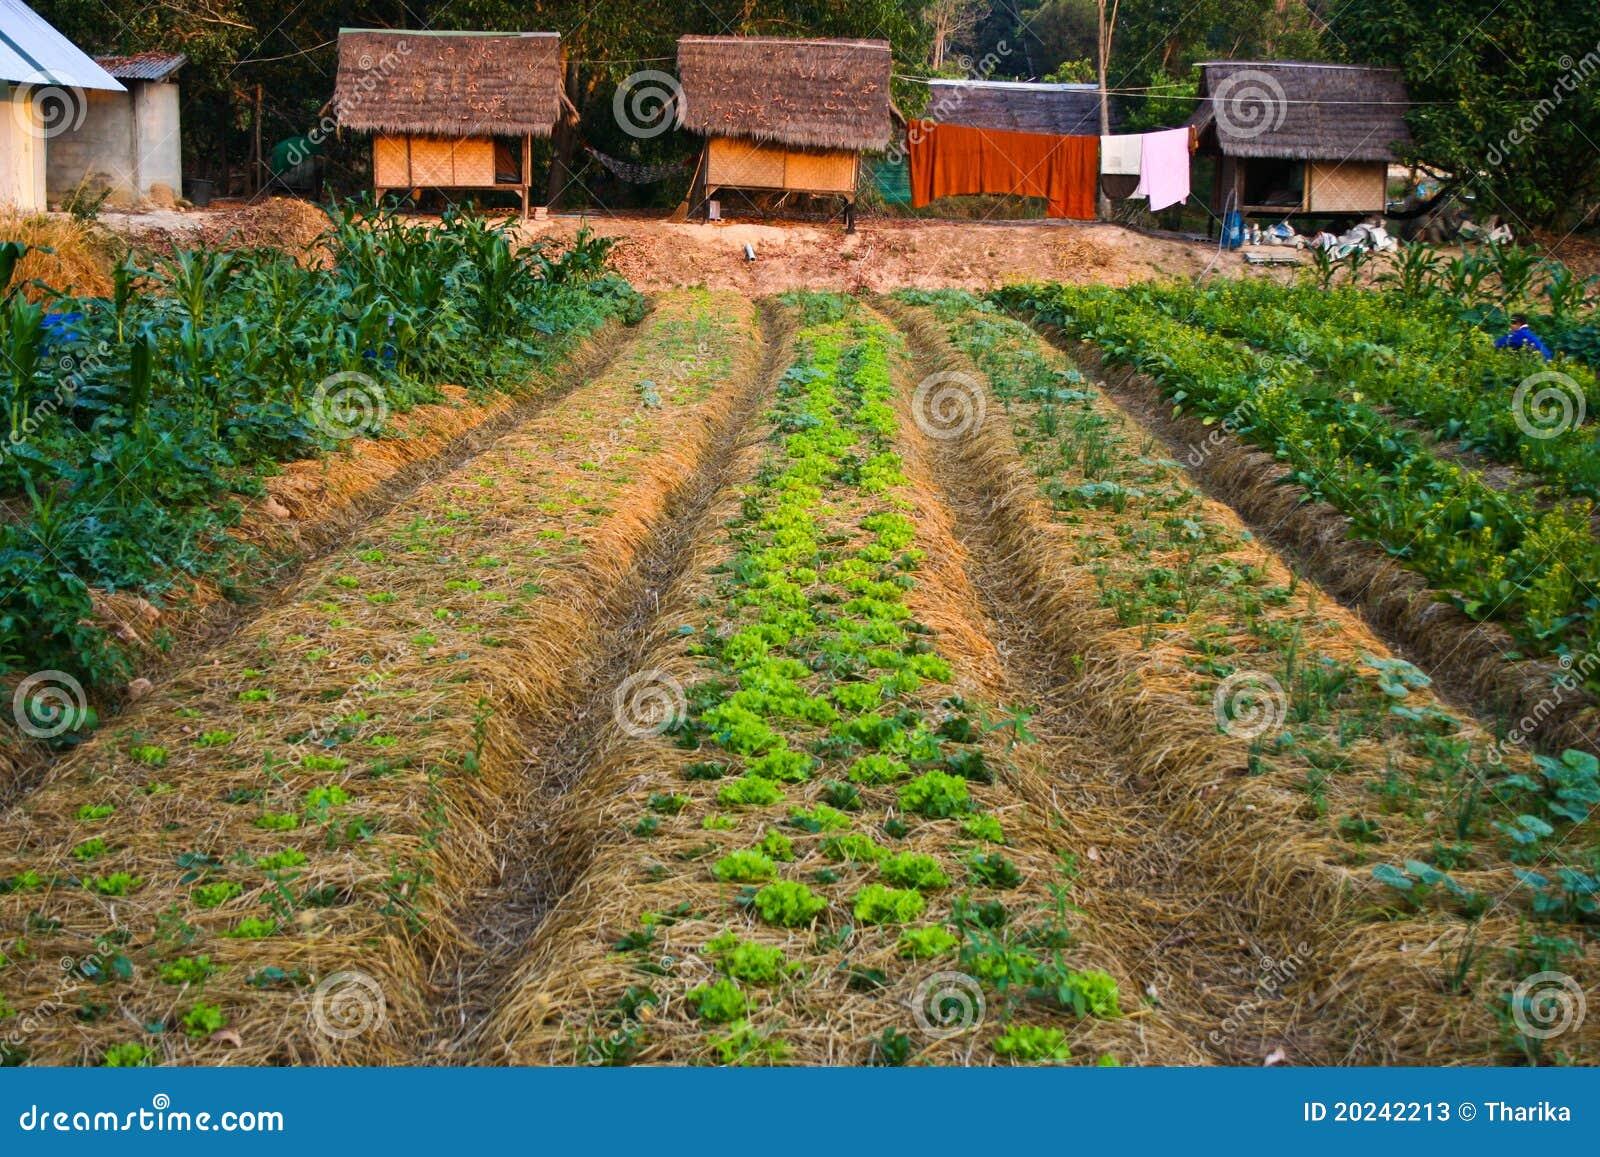 Agriculture,farm,rice ,Thai Farmers Stock Photos - Image: 20242213